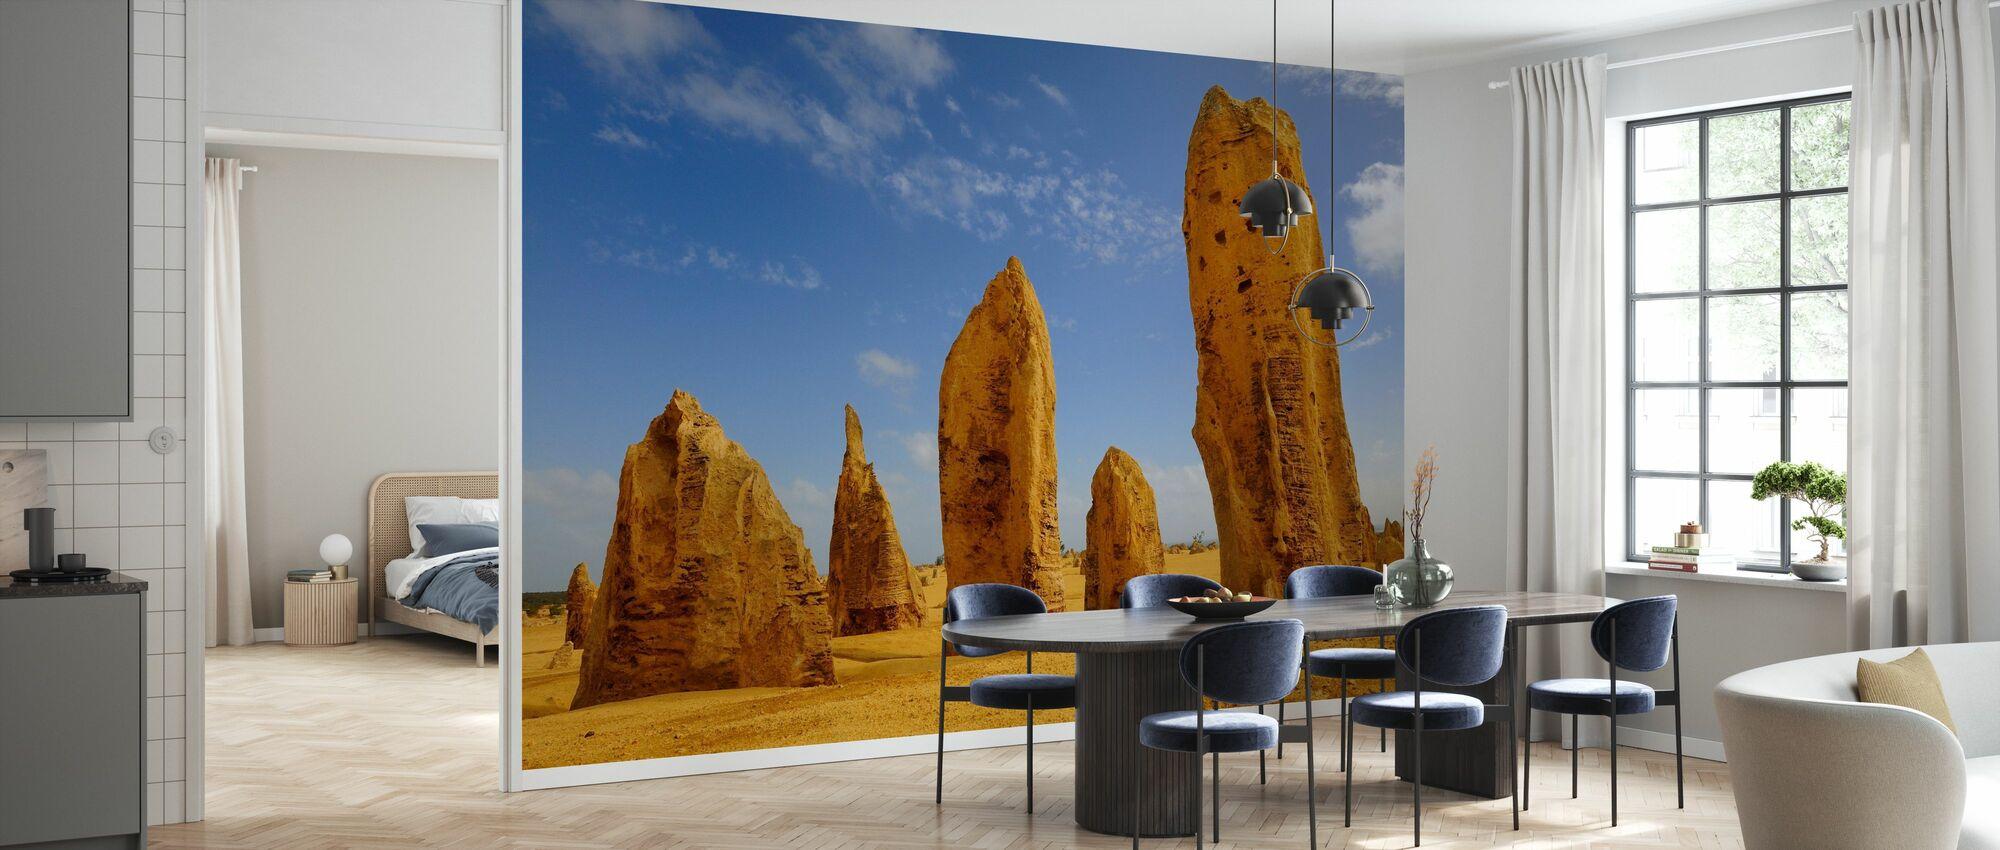 Kalksteinformasjoner II - Tapet - Kjøkken